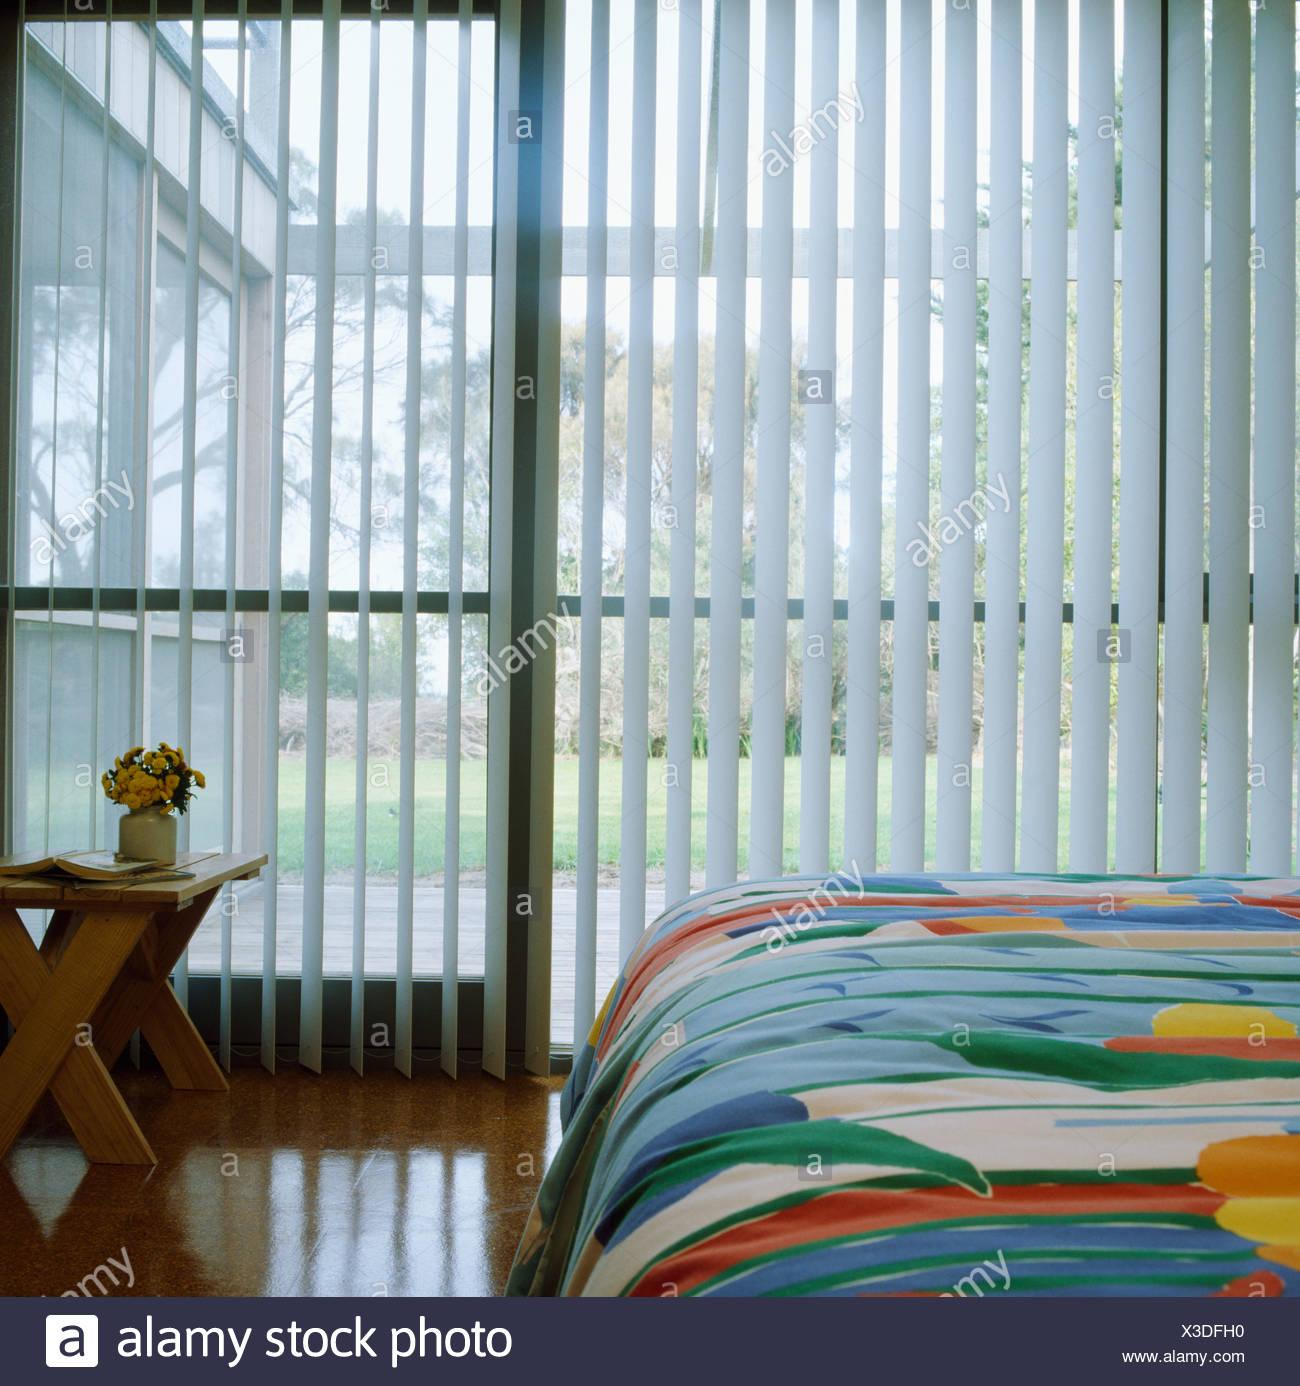 Multi Coloured Bedlinen On Bed In Front Of White Venetian Blinds